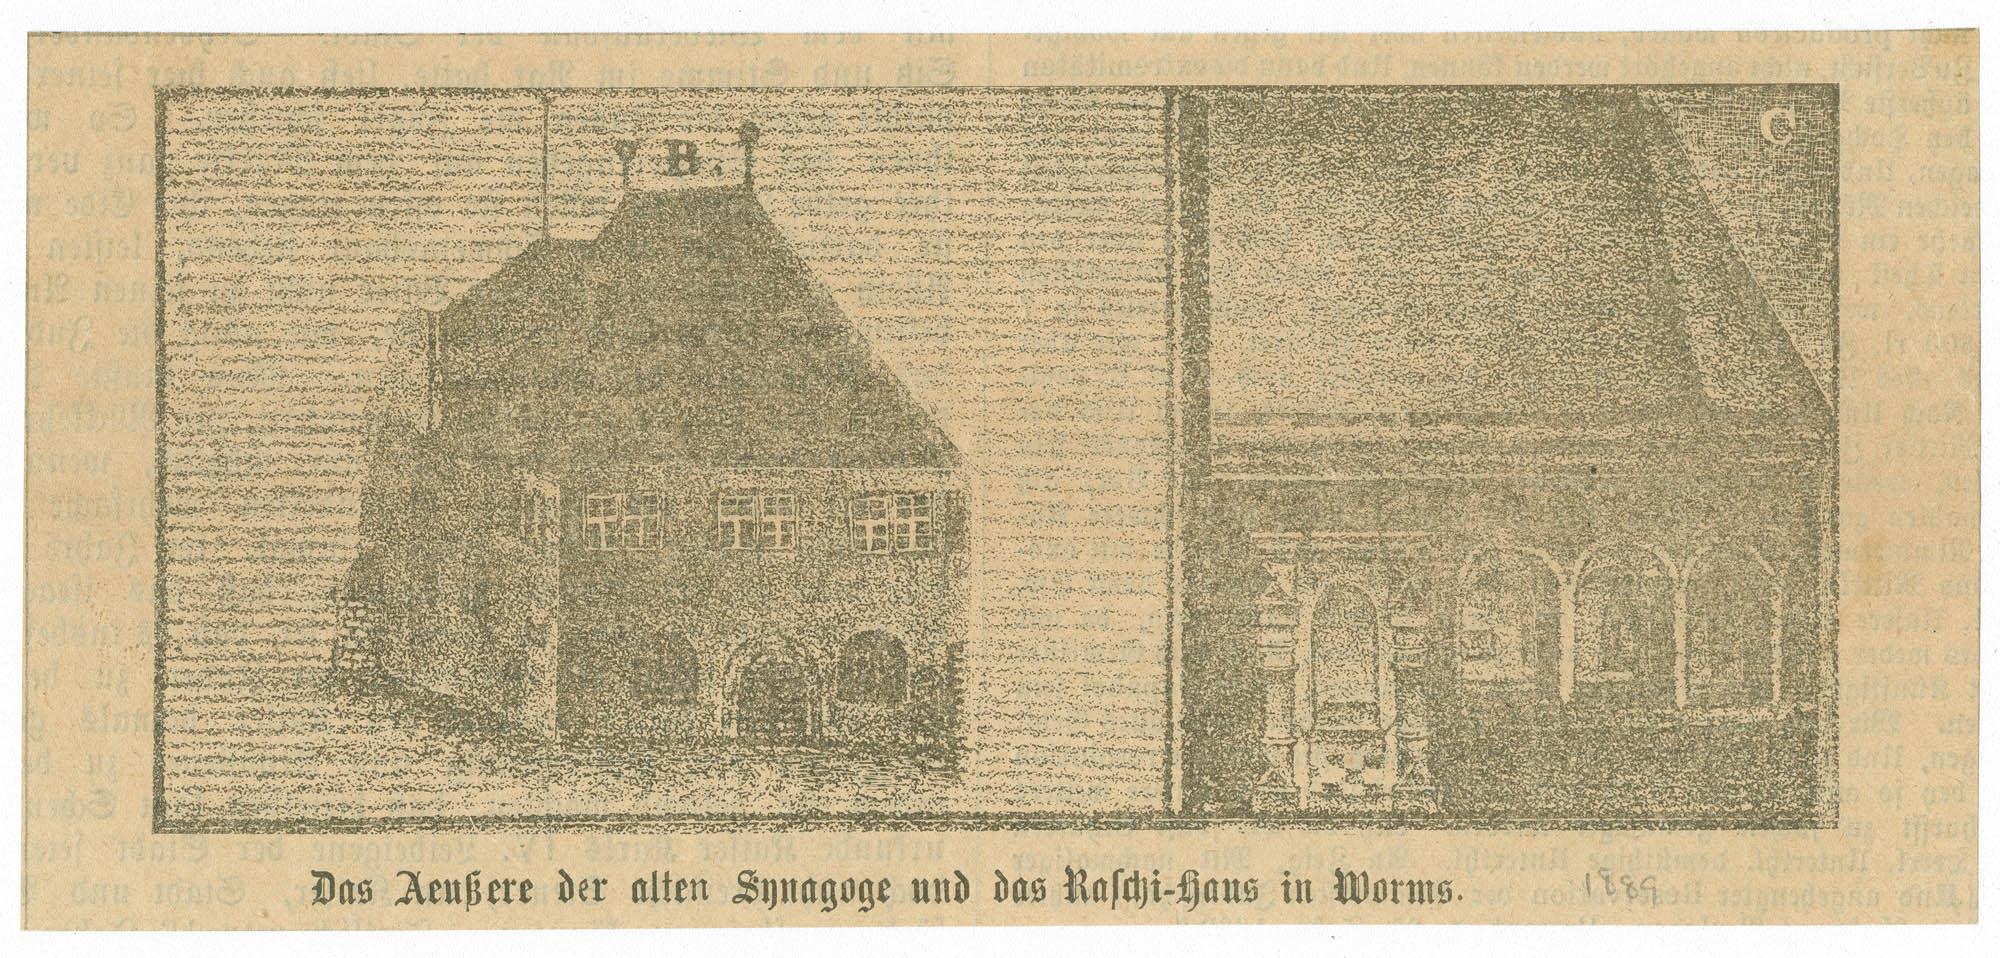 Das Aeußere der alten Synagoge und das Raschi-Haus in Worms